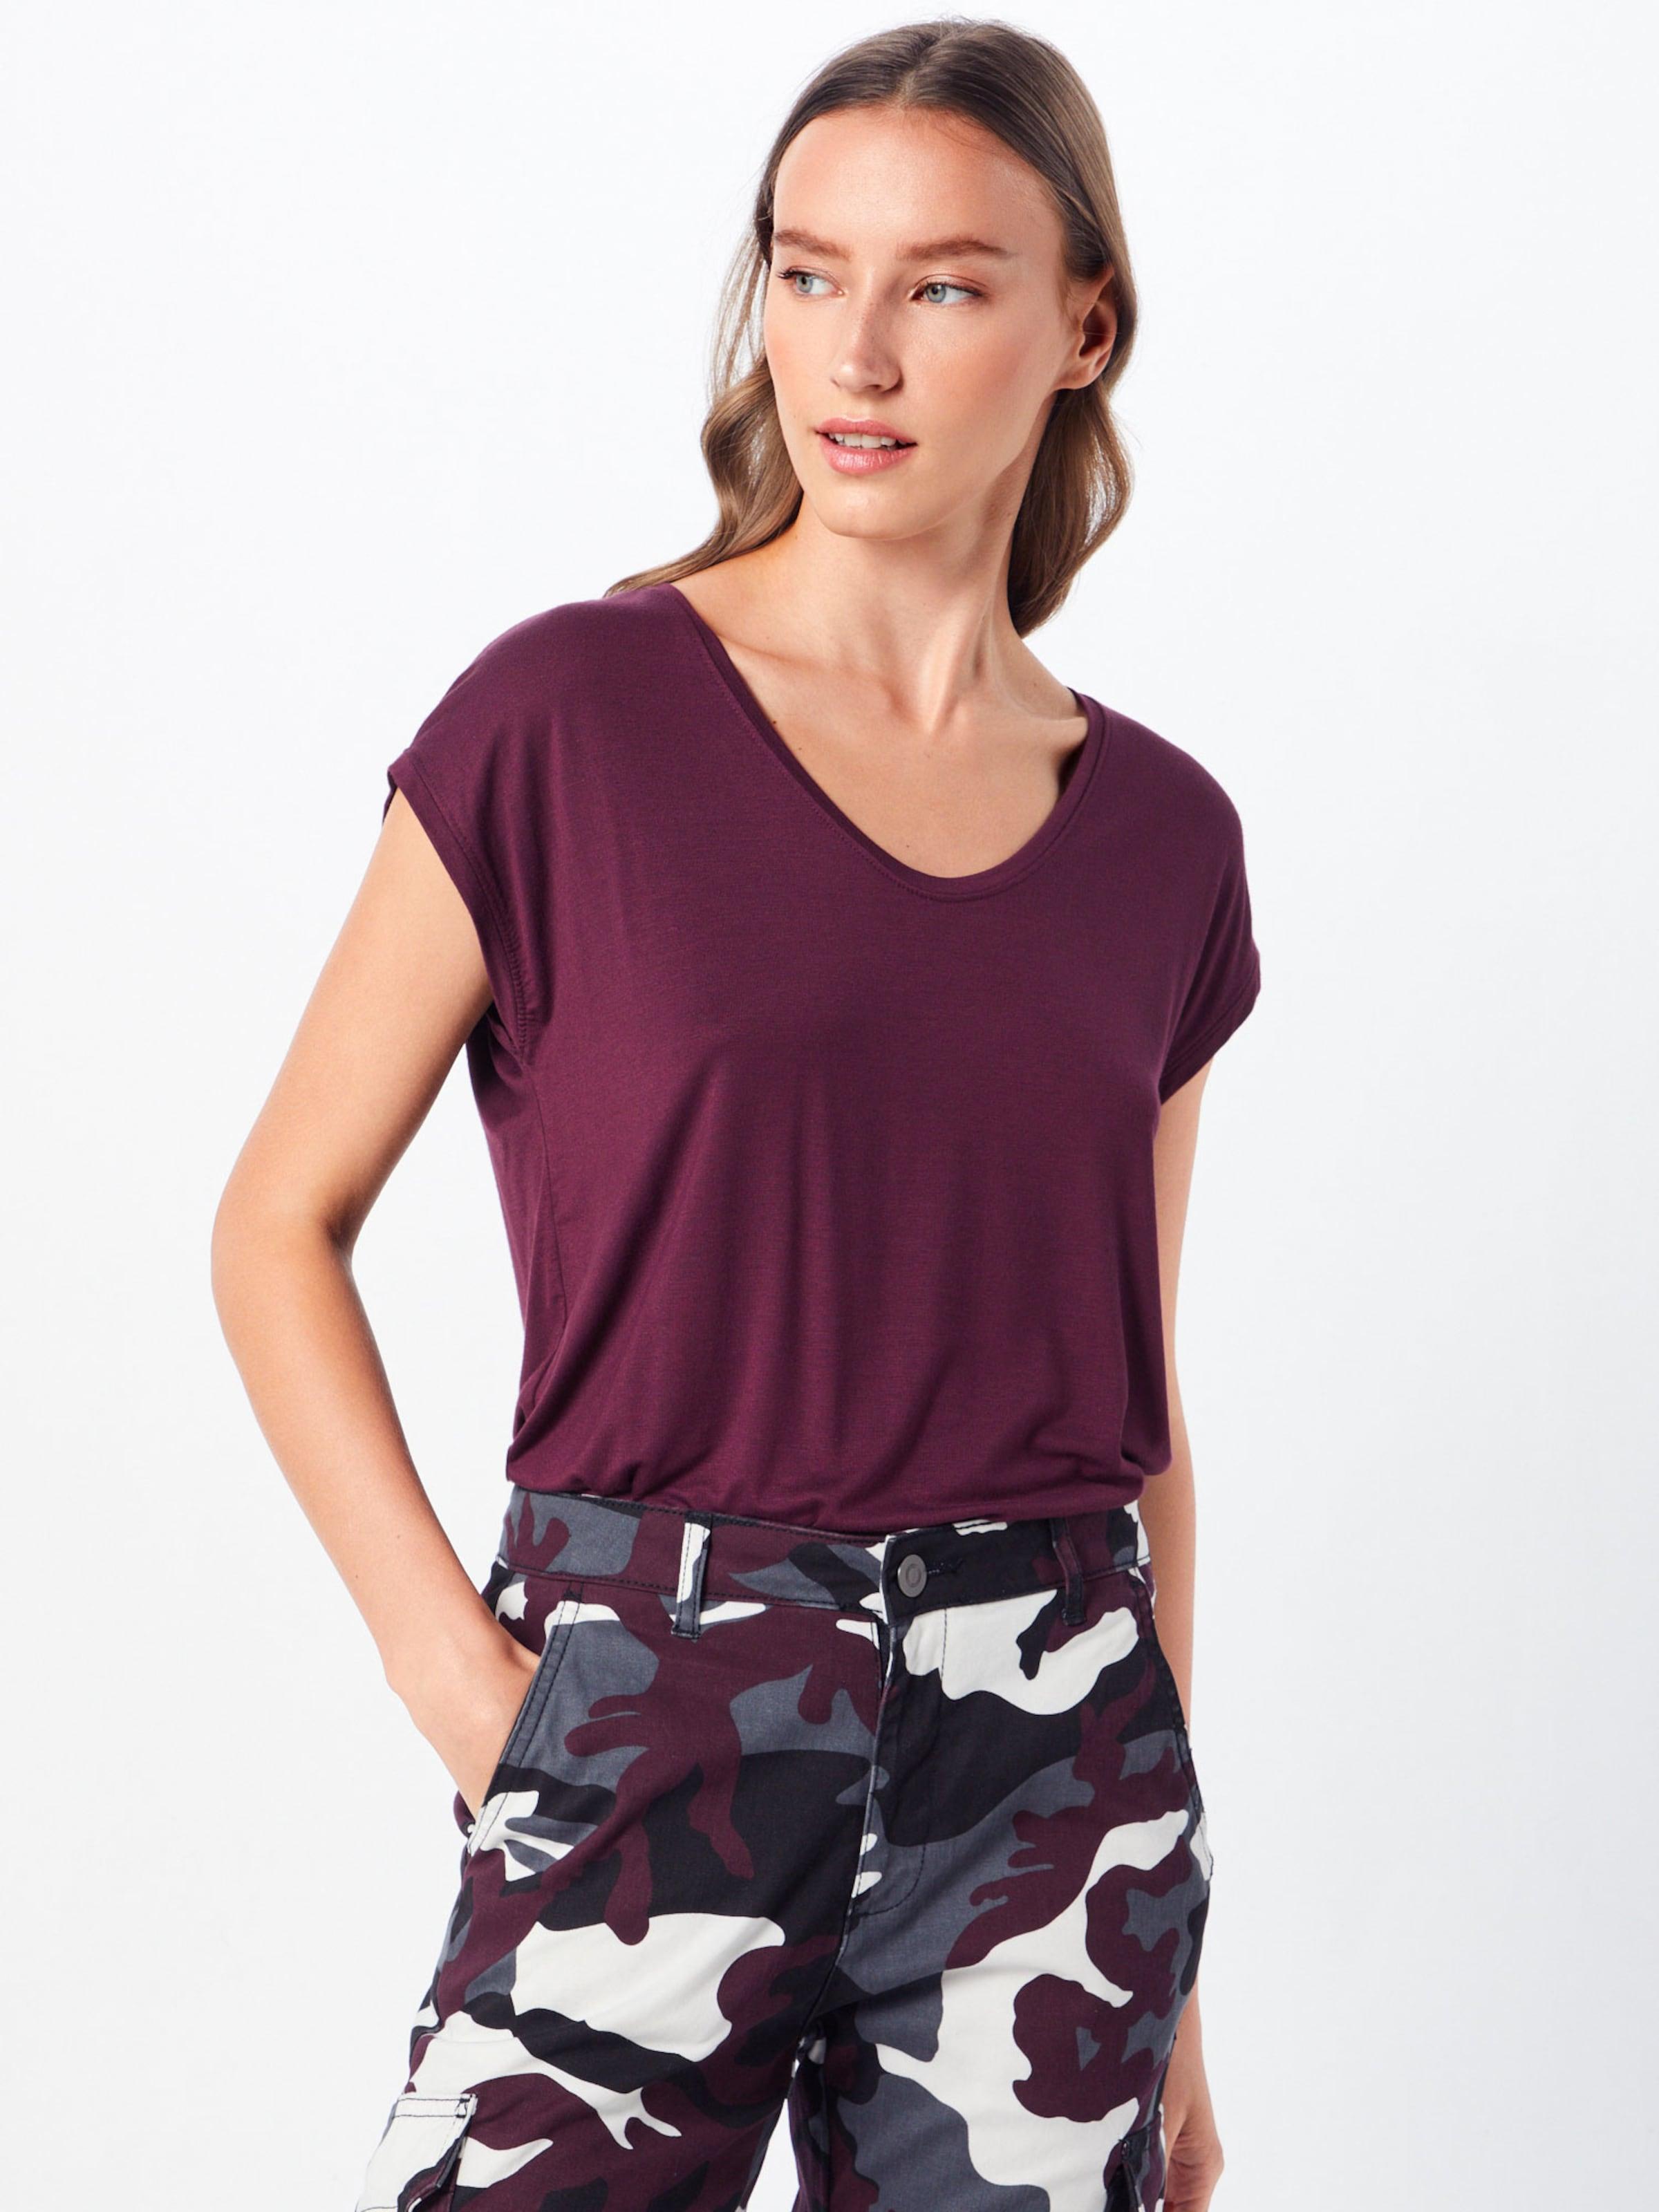 Pieces Aubergine En T 'billo' shirt 08wPkNnOX